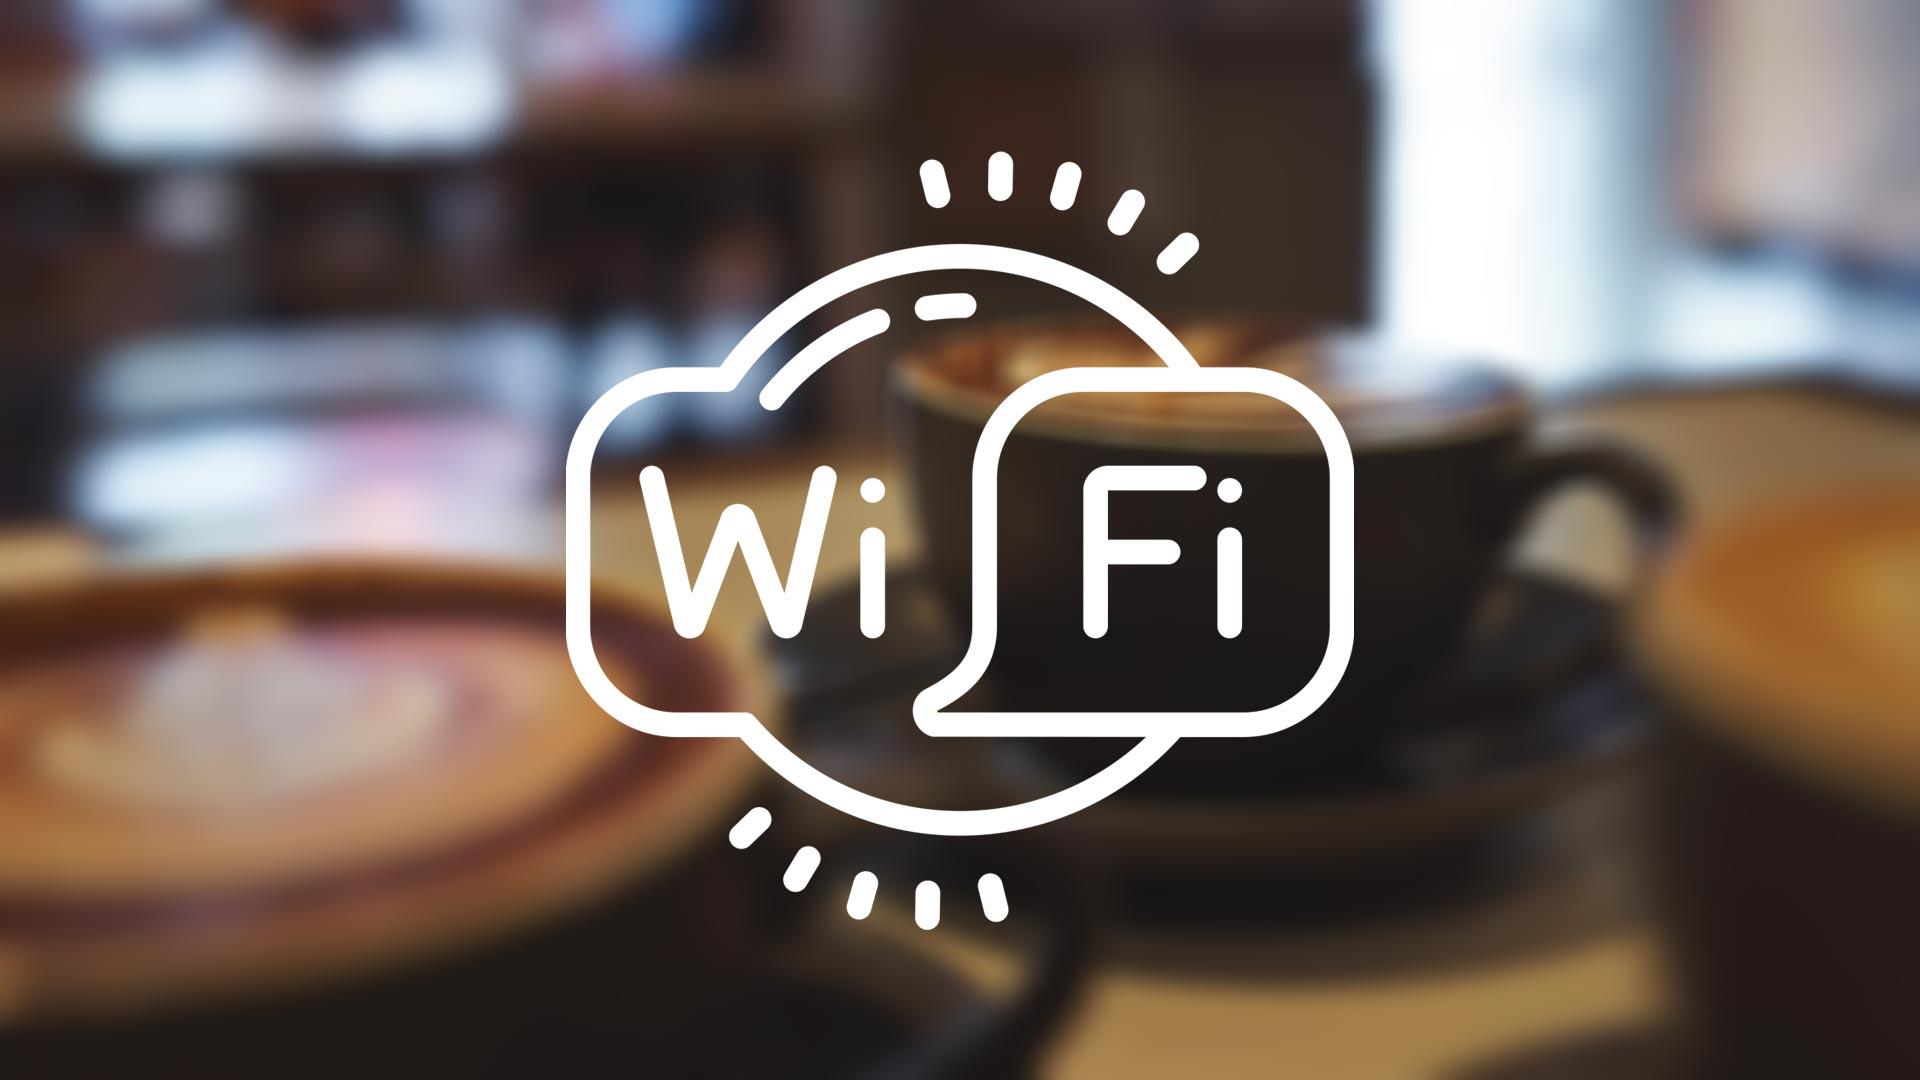 Public WiFi